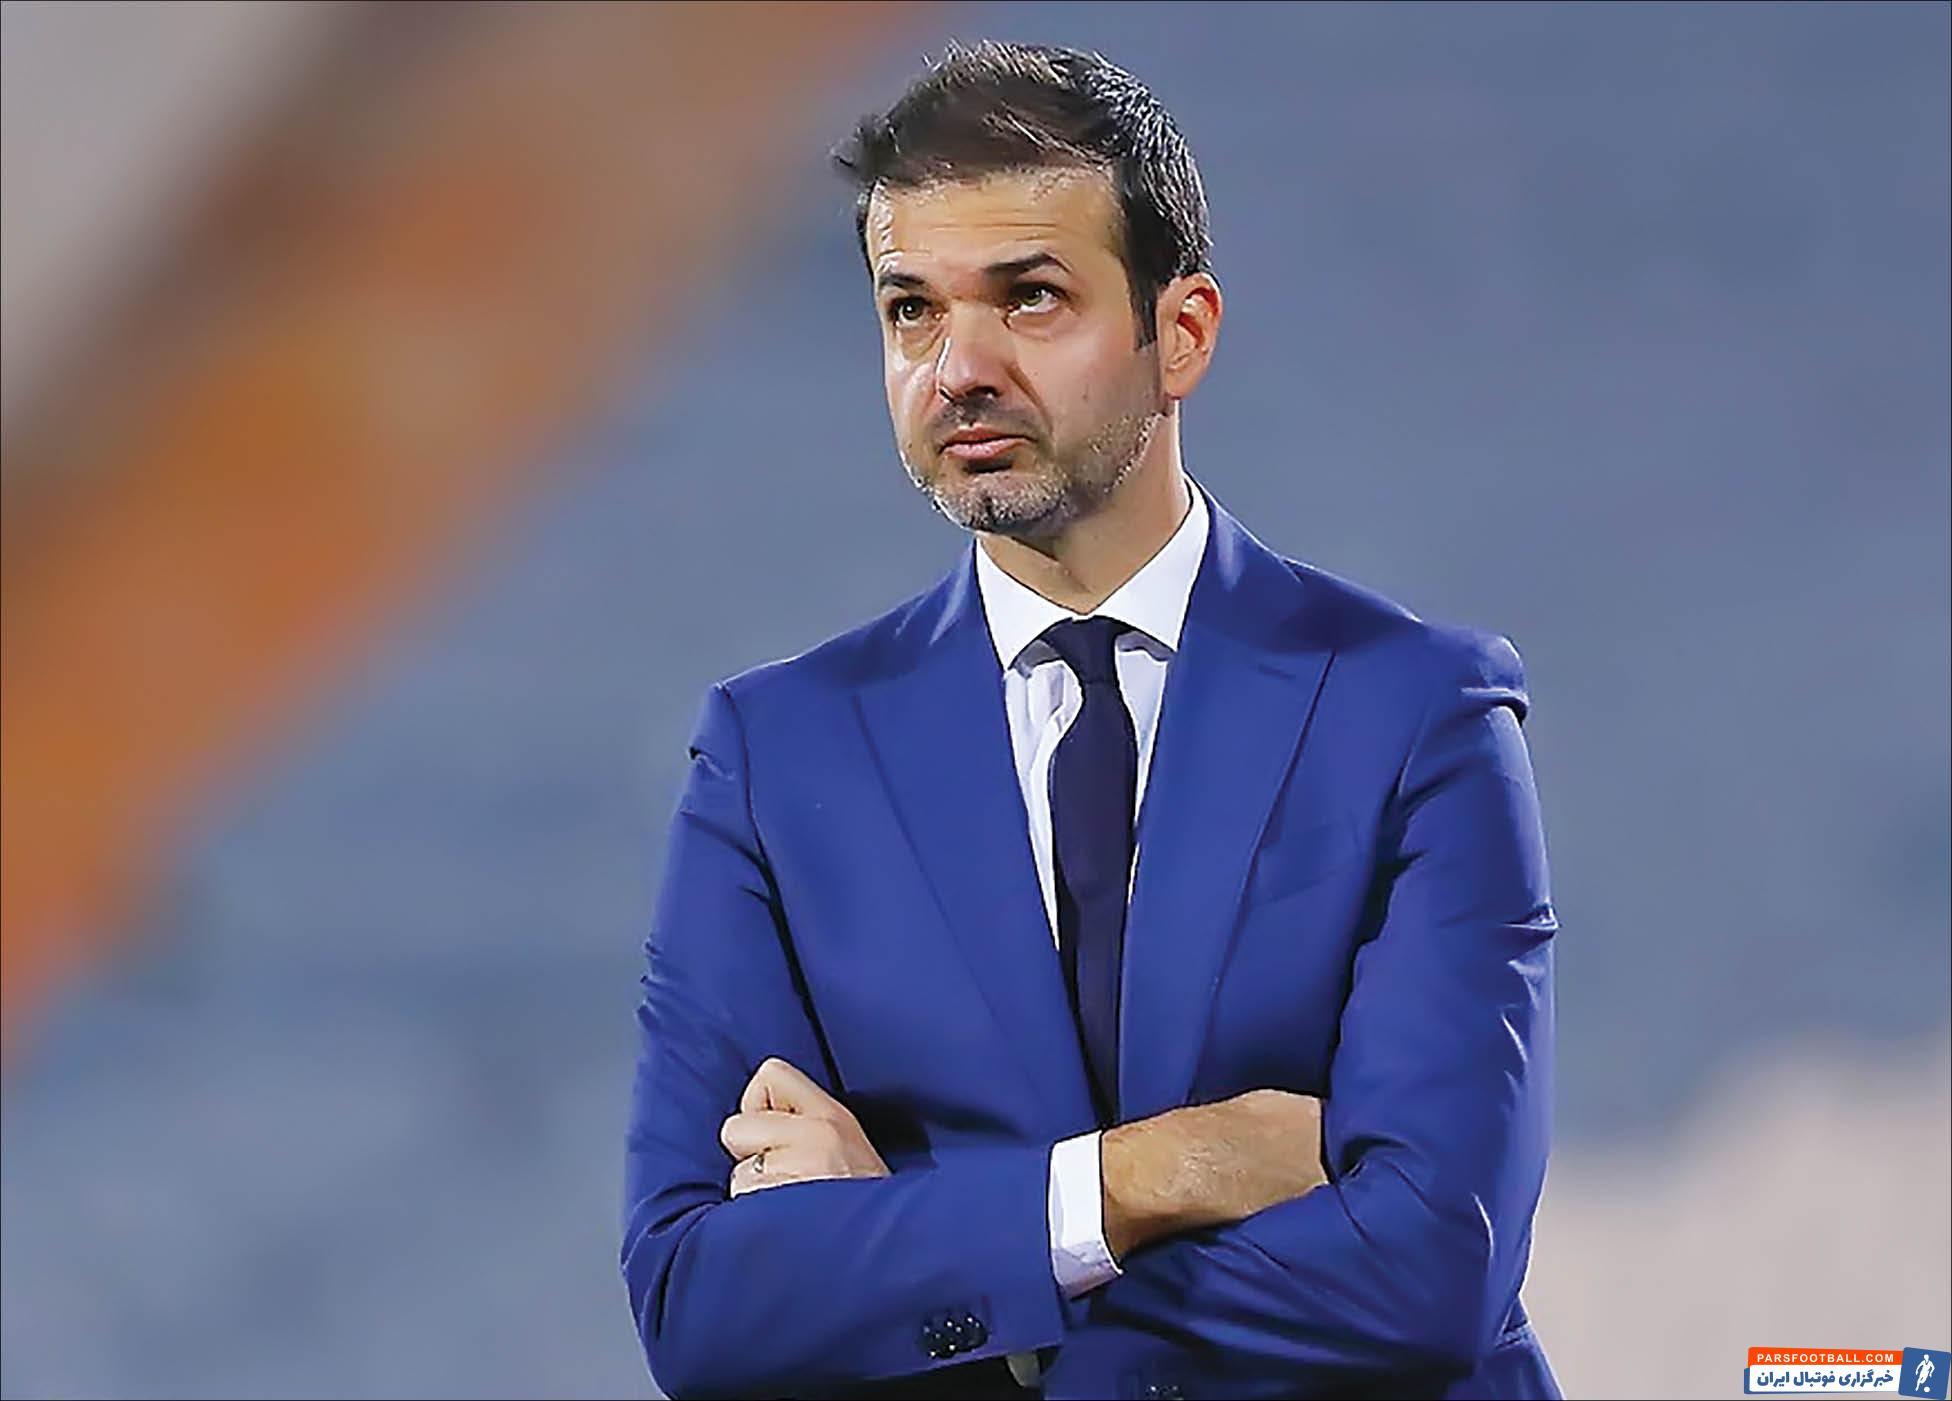 رسانه های قطری اعلام کردند که باشگاه الغرافه قطر به دنبال یک خانه تکانی بزرگ است و استراماچونی هم در نزدیکی نیمکت این تیم قرار دارد.